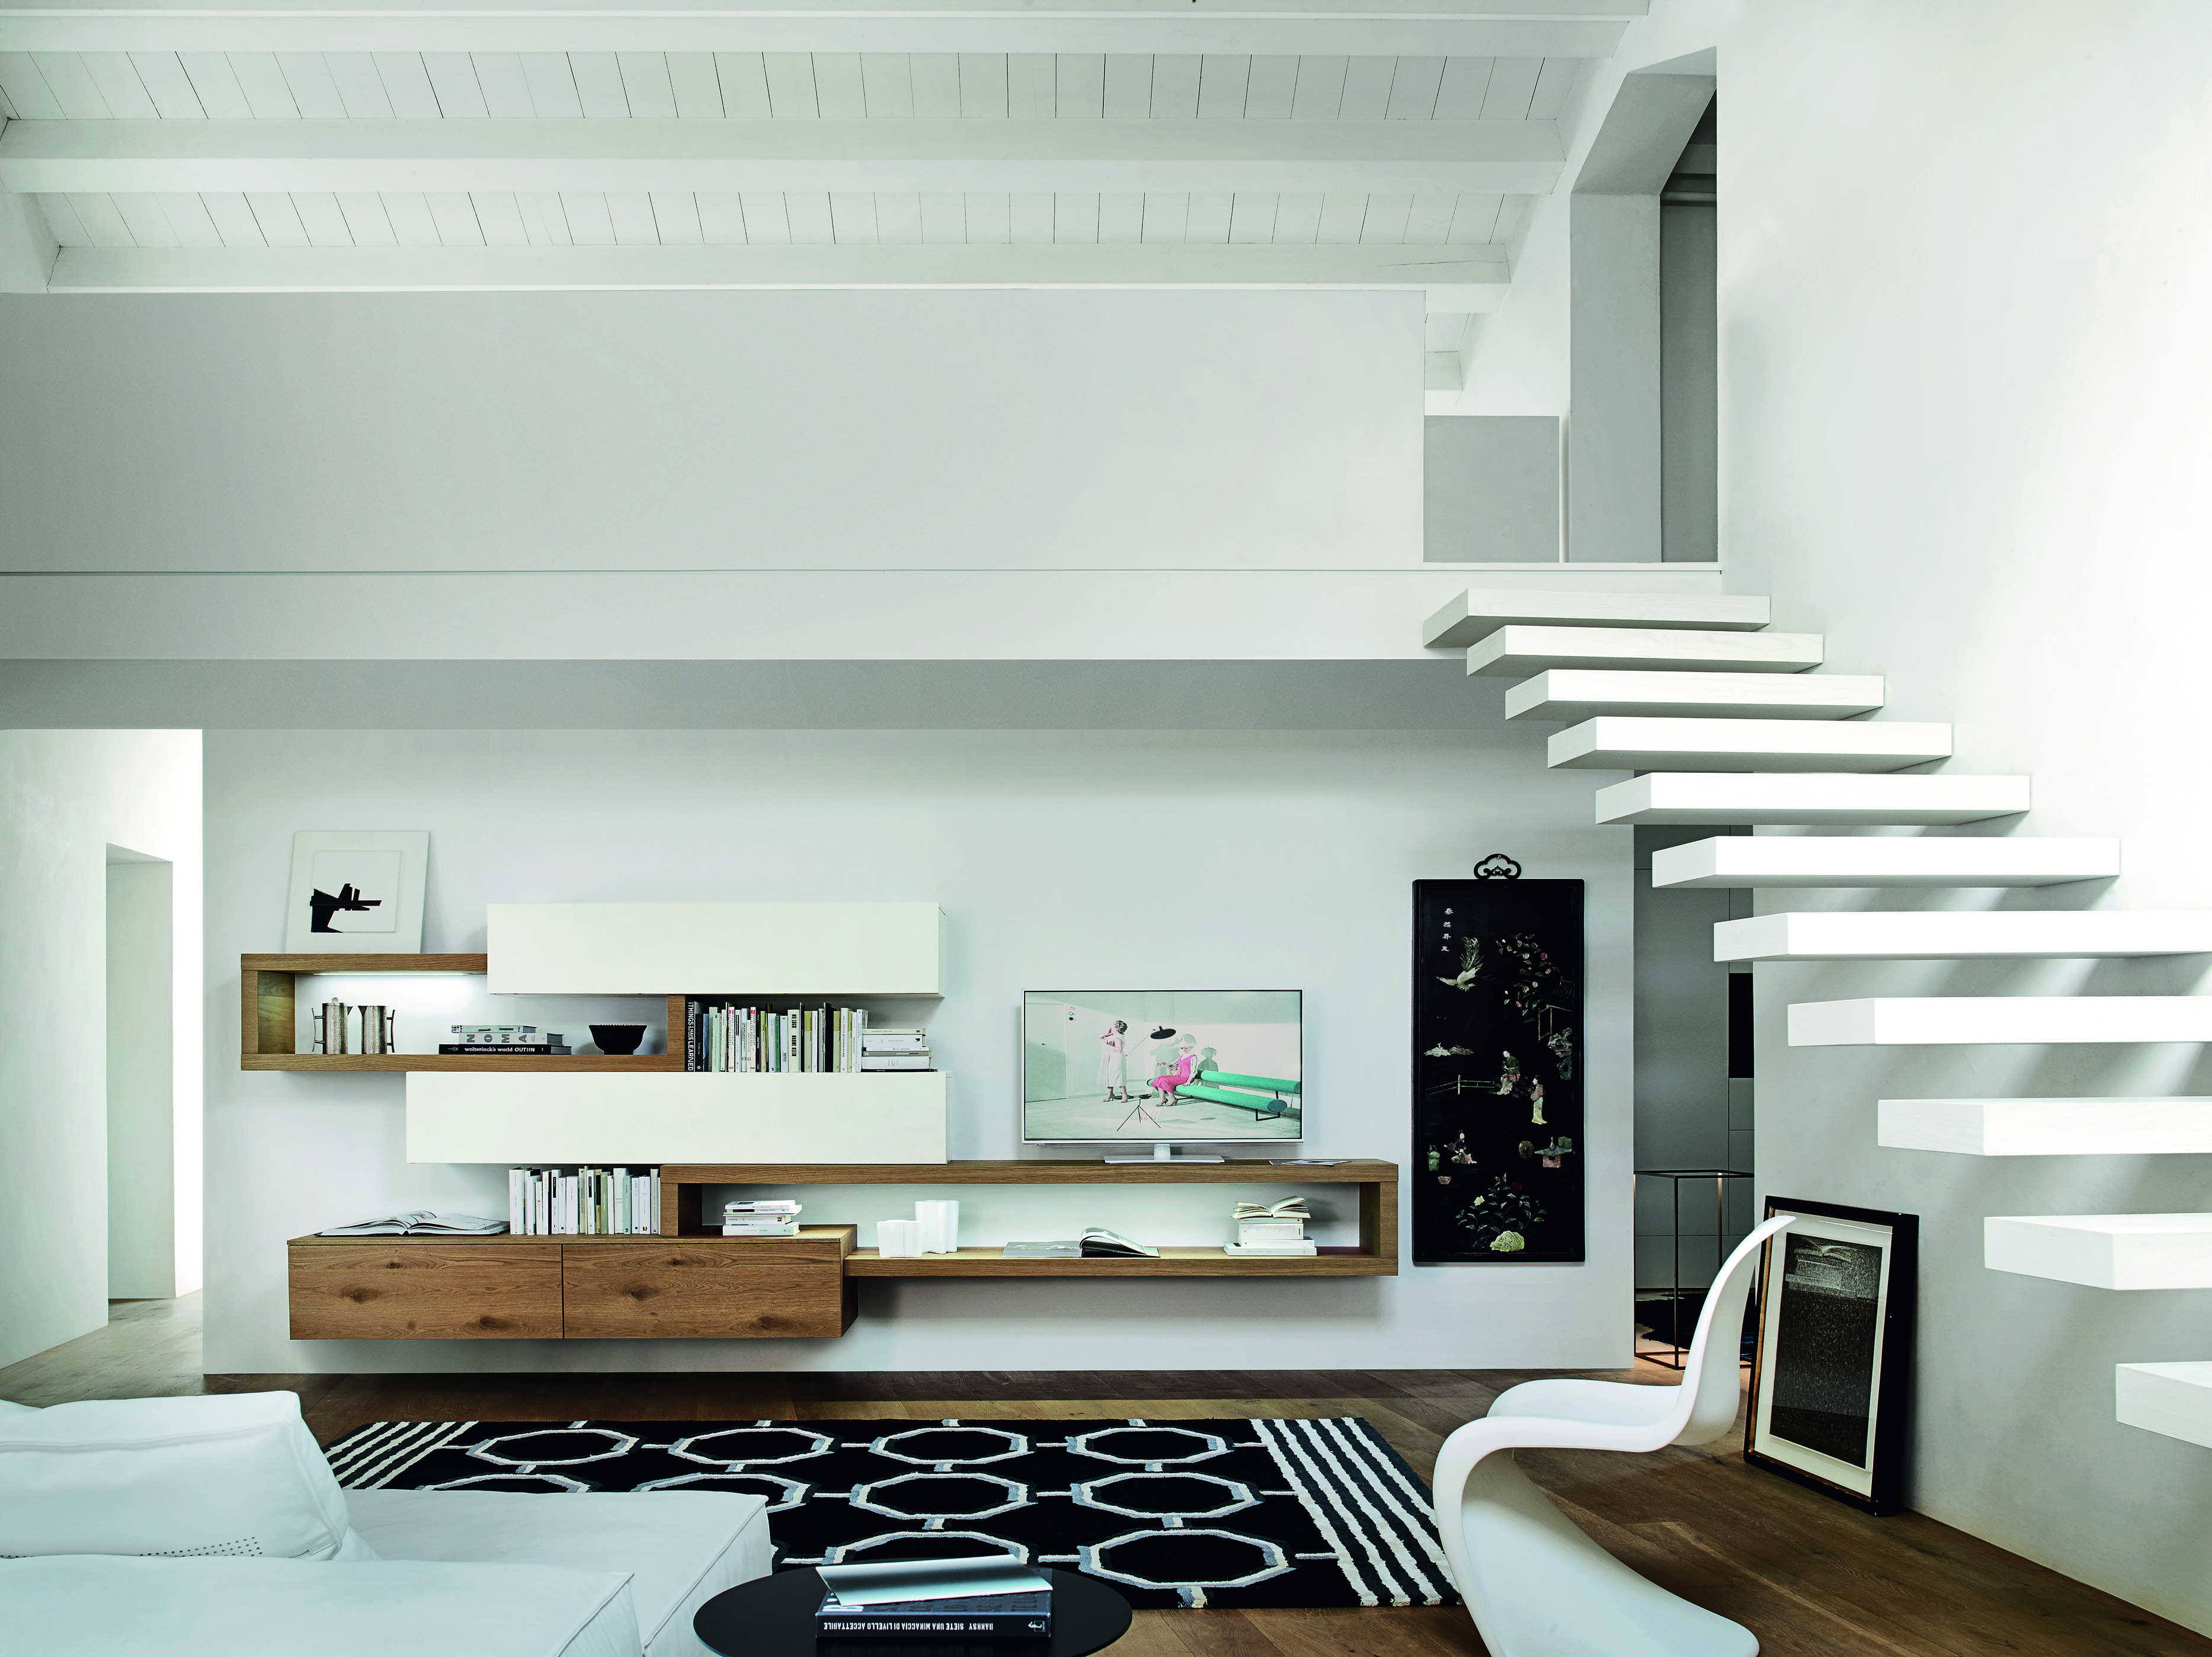 Exklusive Design Wohnwand Aus Italien Mit Schwebenden TV Board Und  Hängeschränke Ist Die Livitalia Wohnwand C25. #Wohnwand #modern  #Hängeschränke #tvboard ...